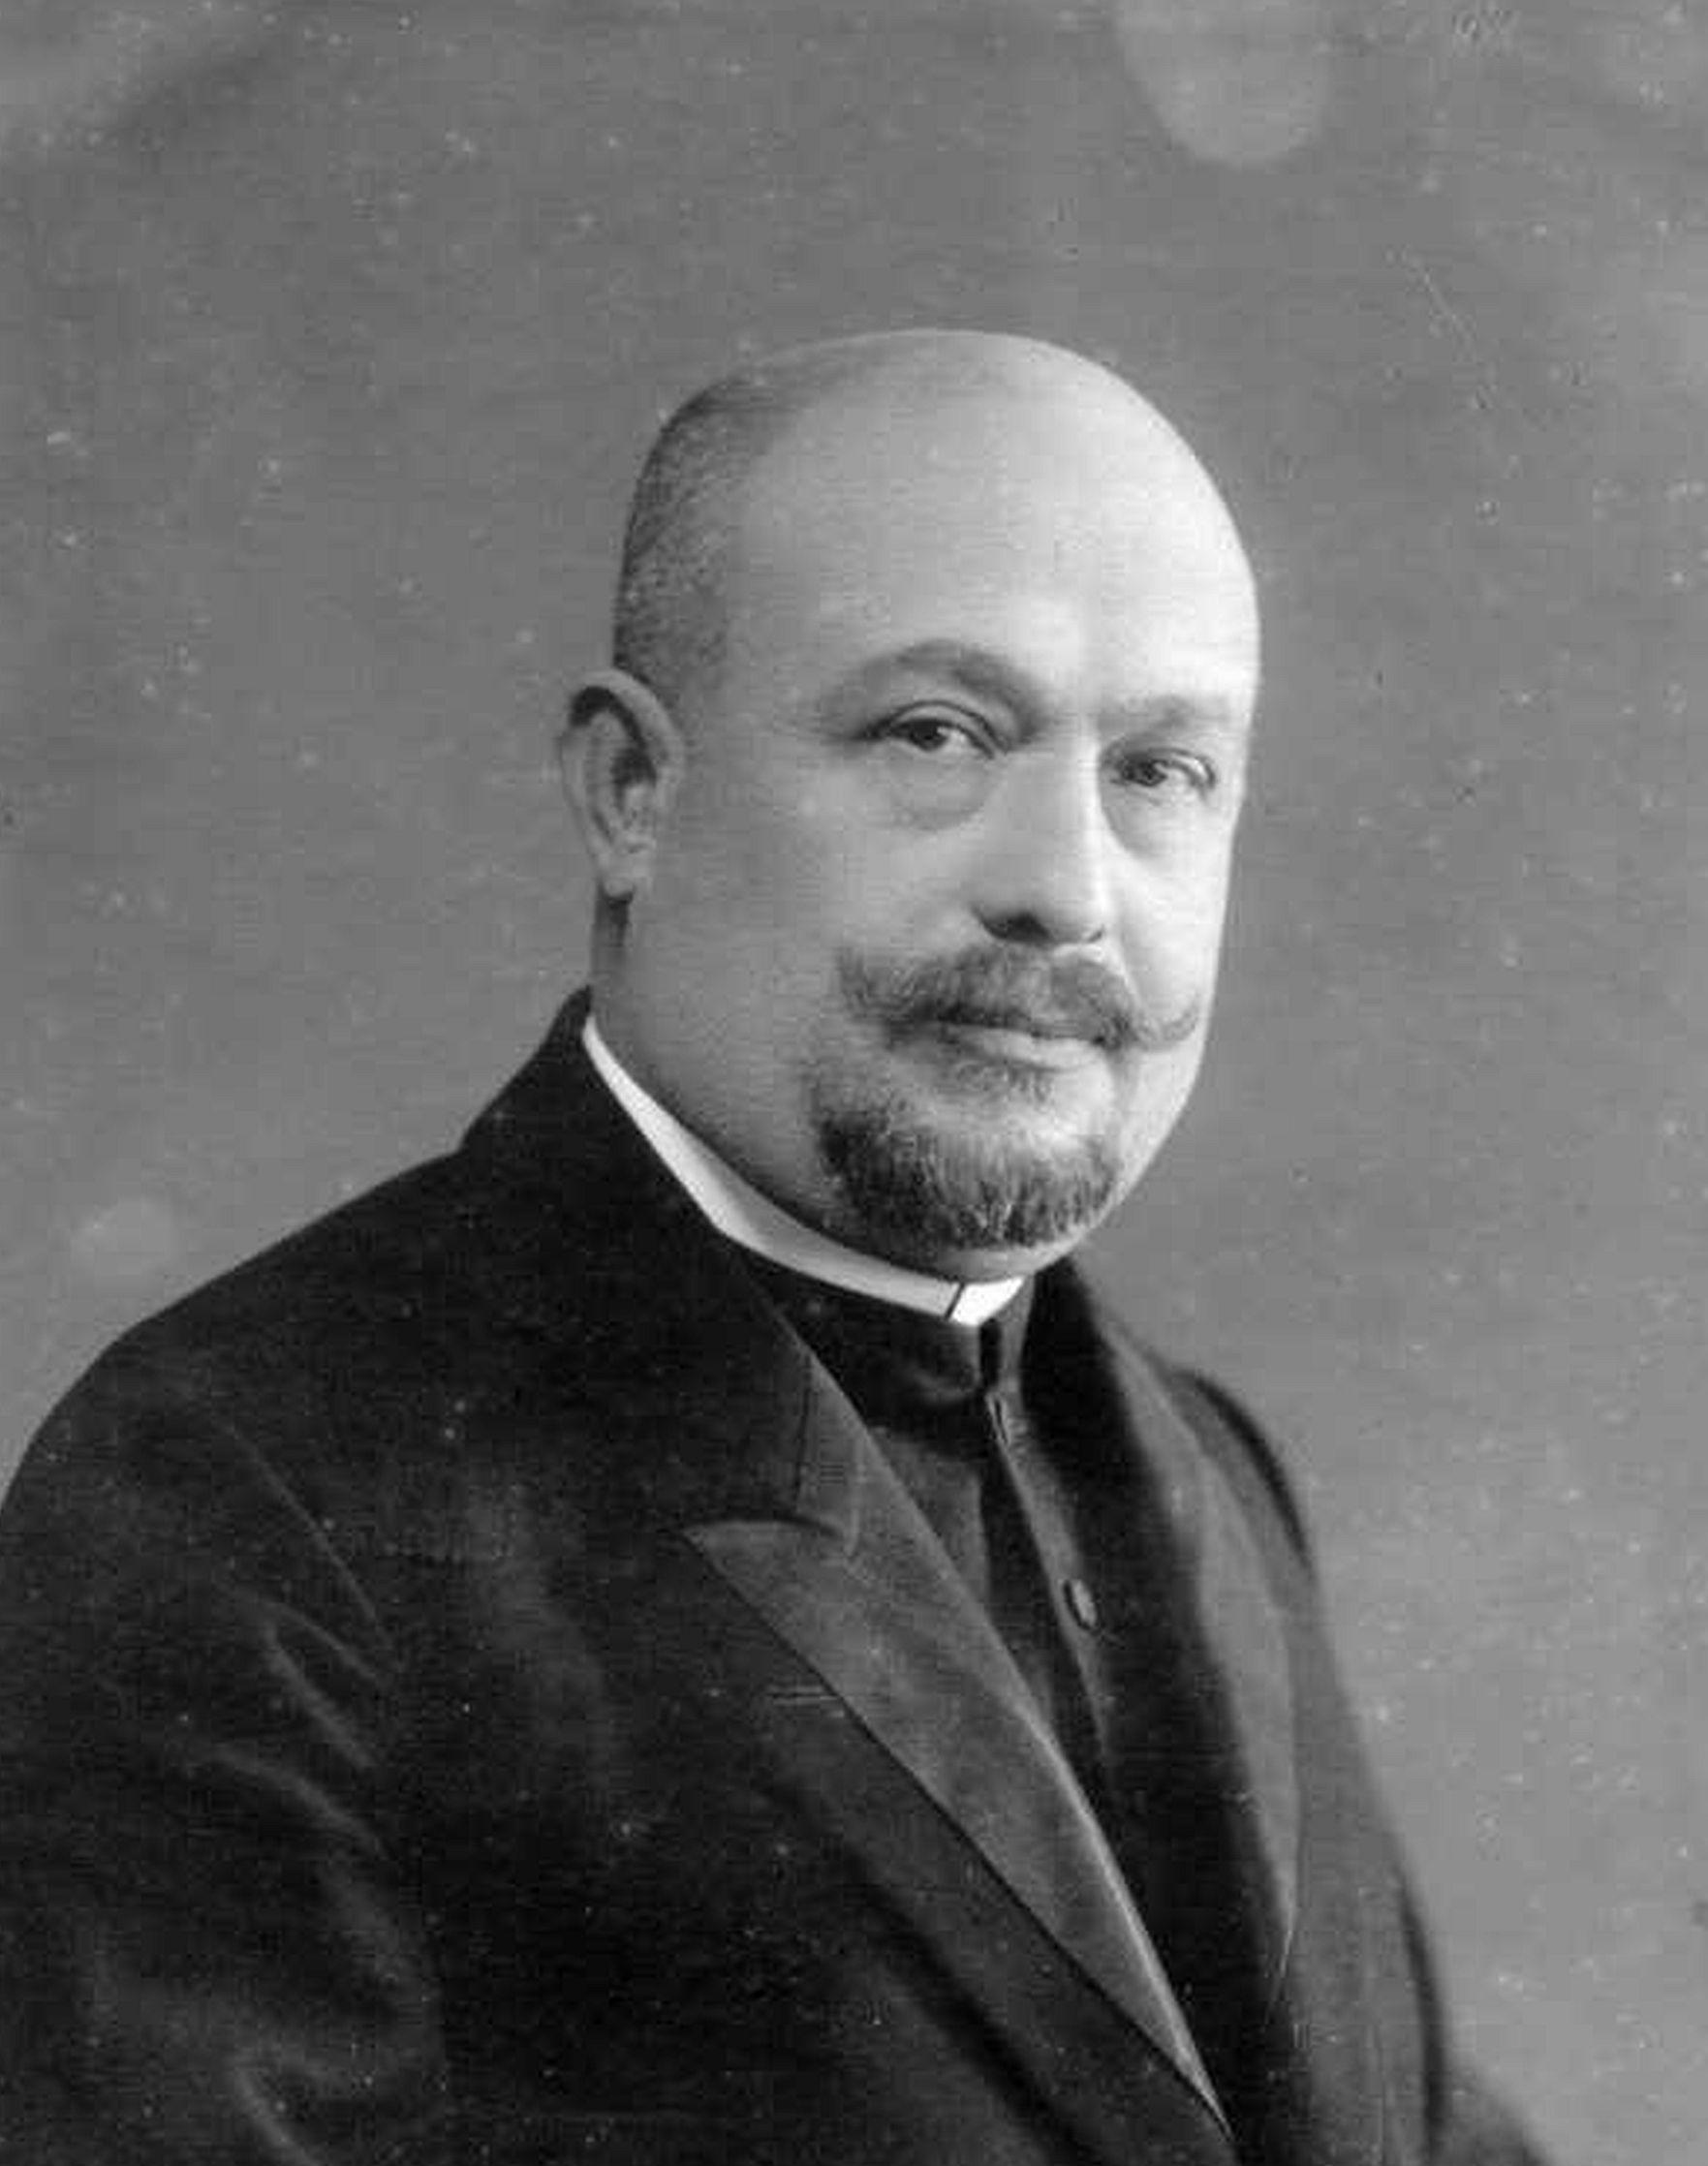 Jakab Singer